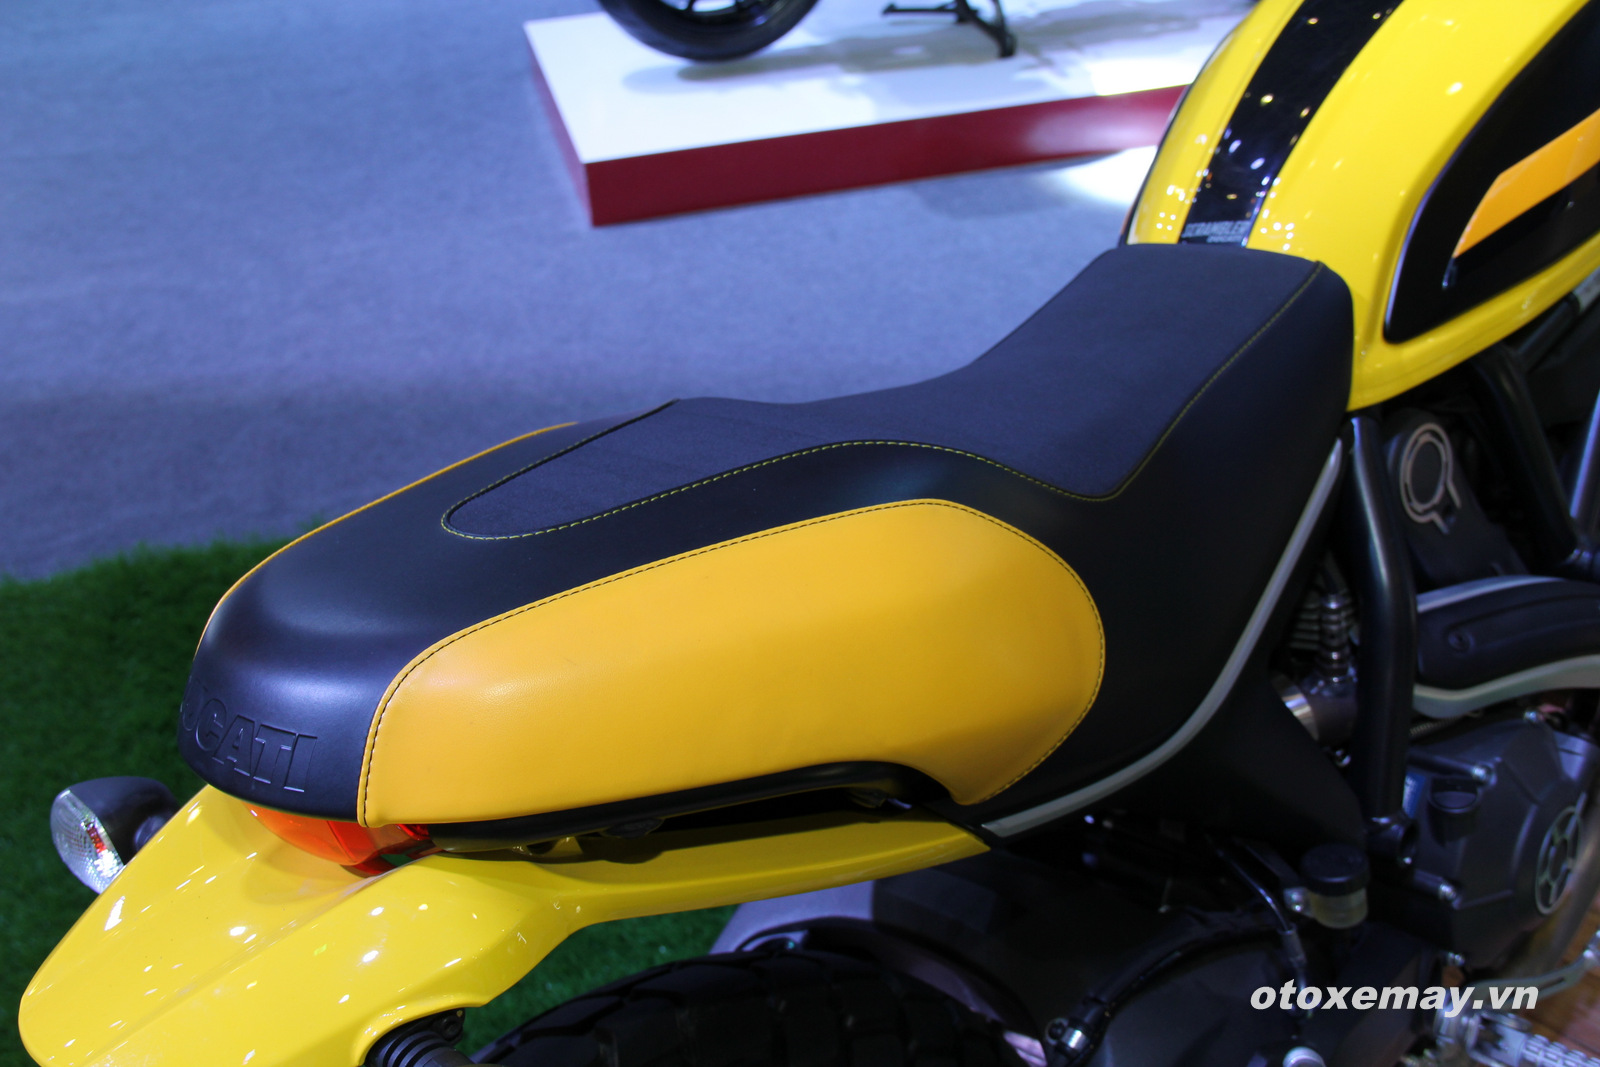 VIMS 2015: Cá tính Ducati khuấy động triển lãm_anh7